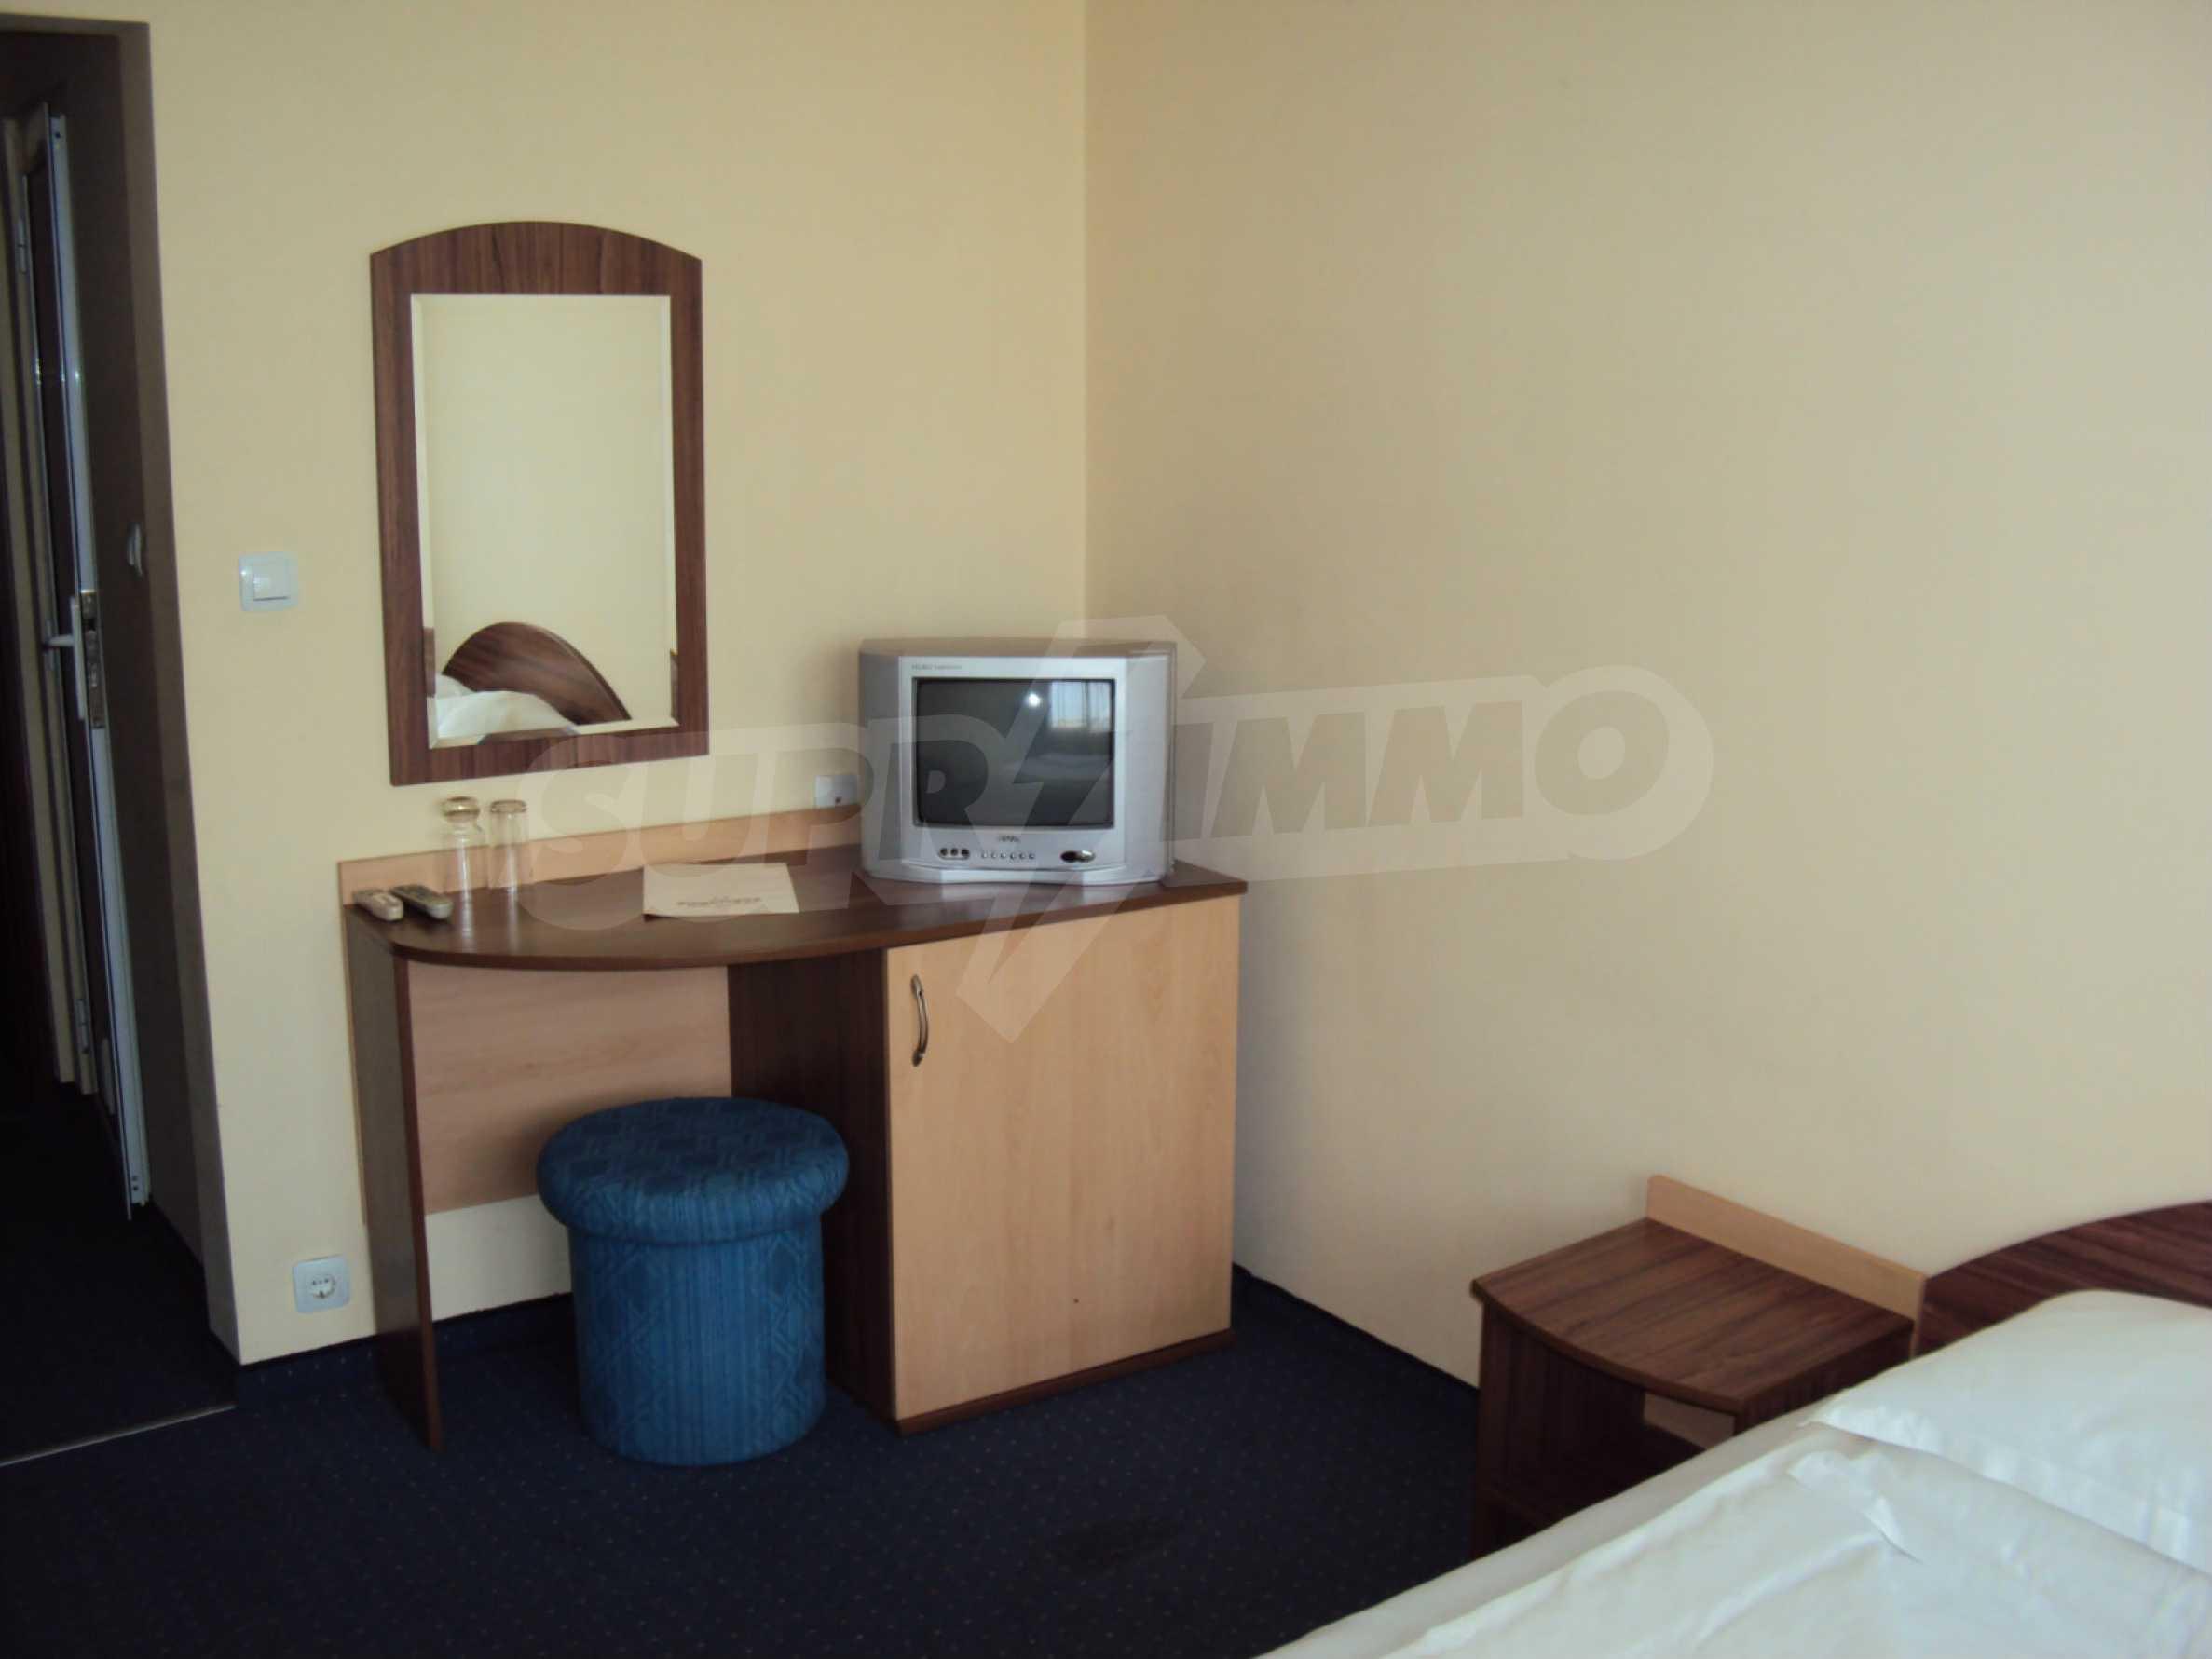 Hotel zum Verkauf in perfekter Toplage 13